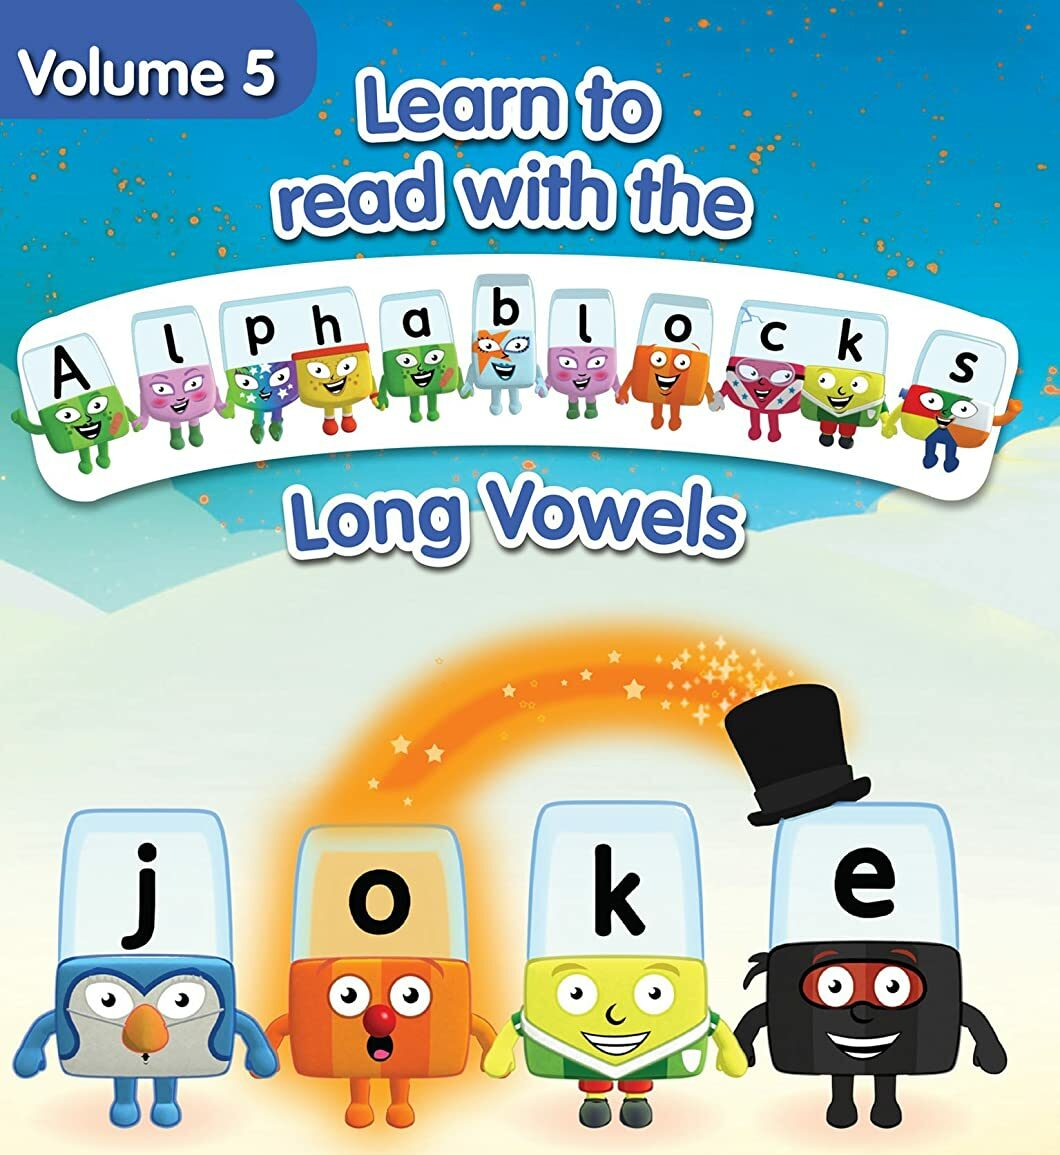 سلسلة صوتيات للاطفال تعليم اللغة الانجليزية المستوي الخامس – بدون موسيقى | Alphablocks – Long Vowels | Phonics | Level Five – No Music